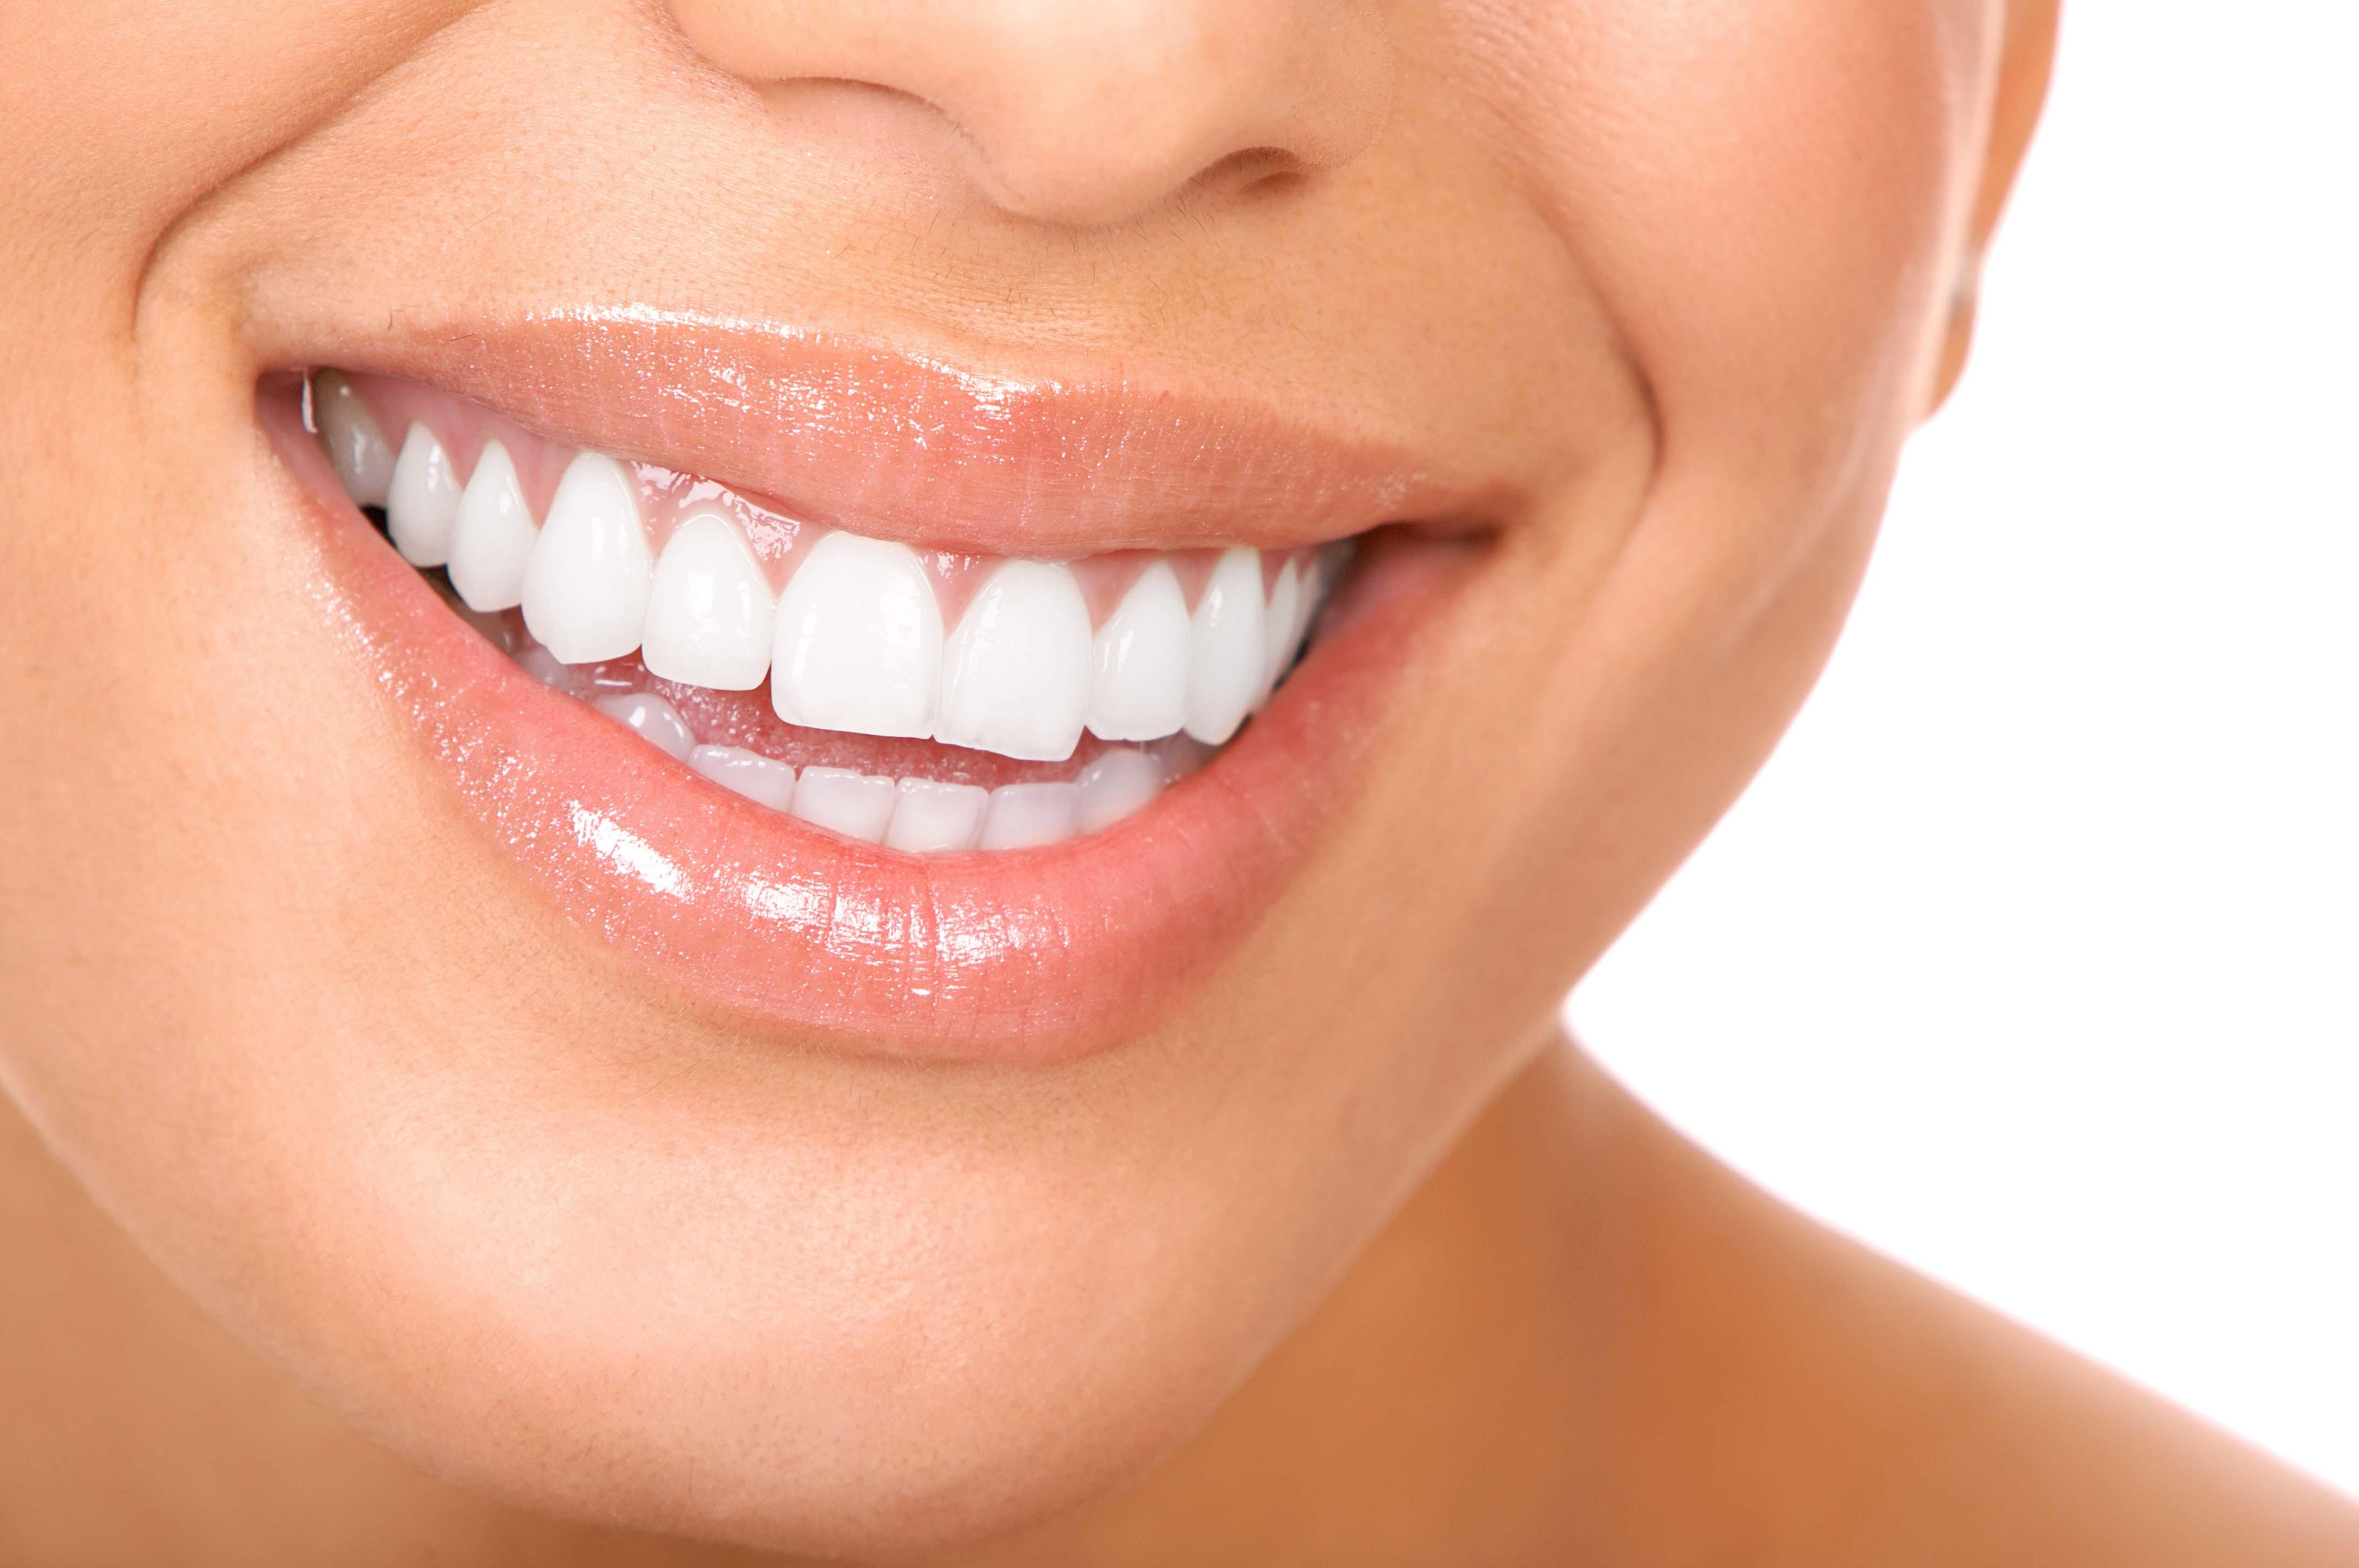 blanqueamiento dental aspectos